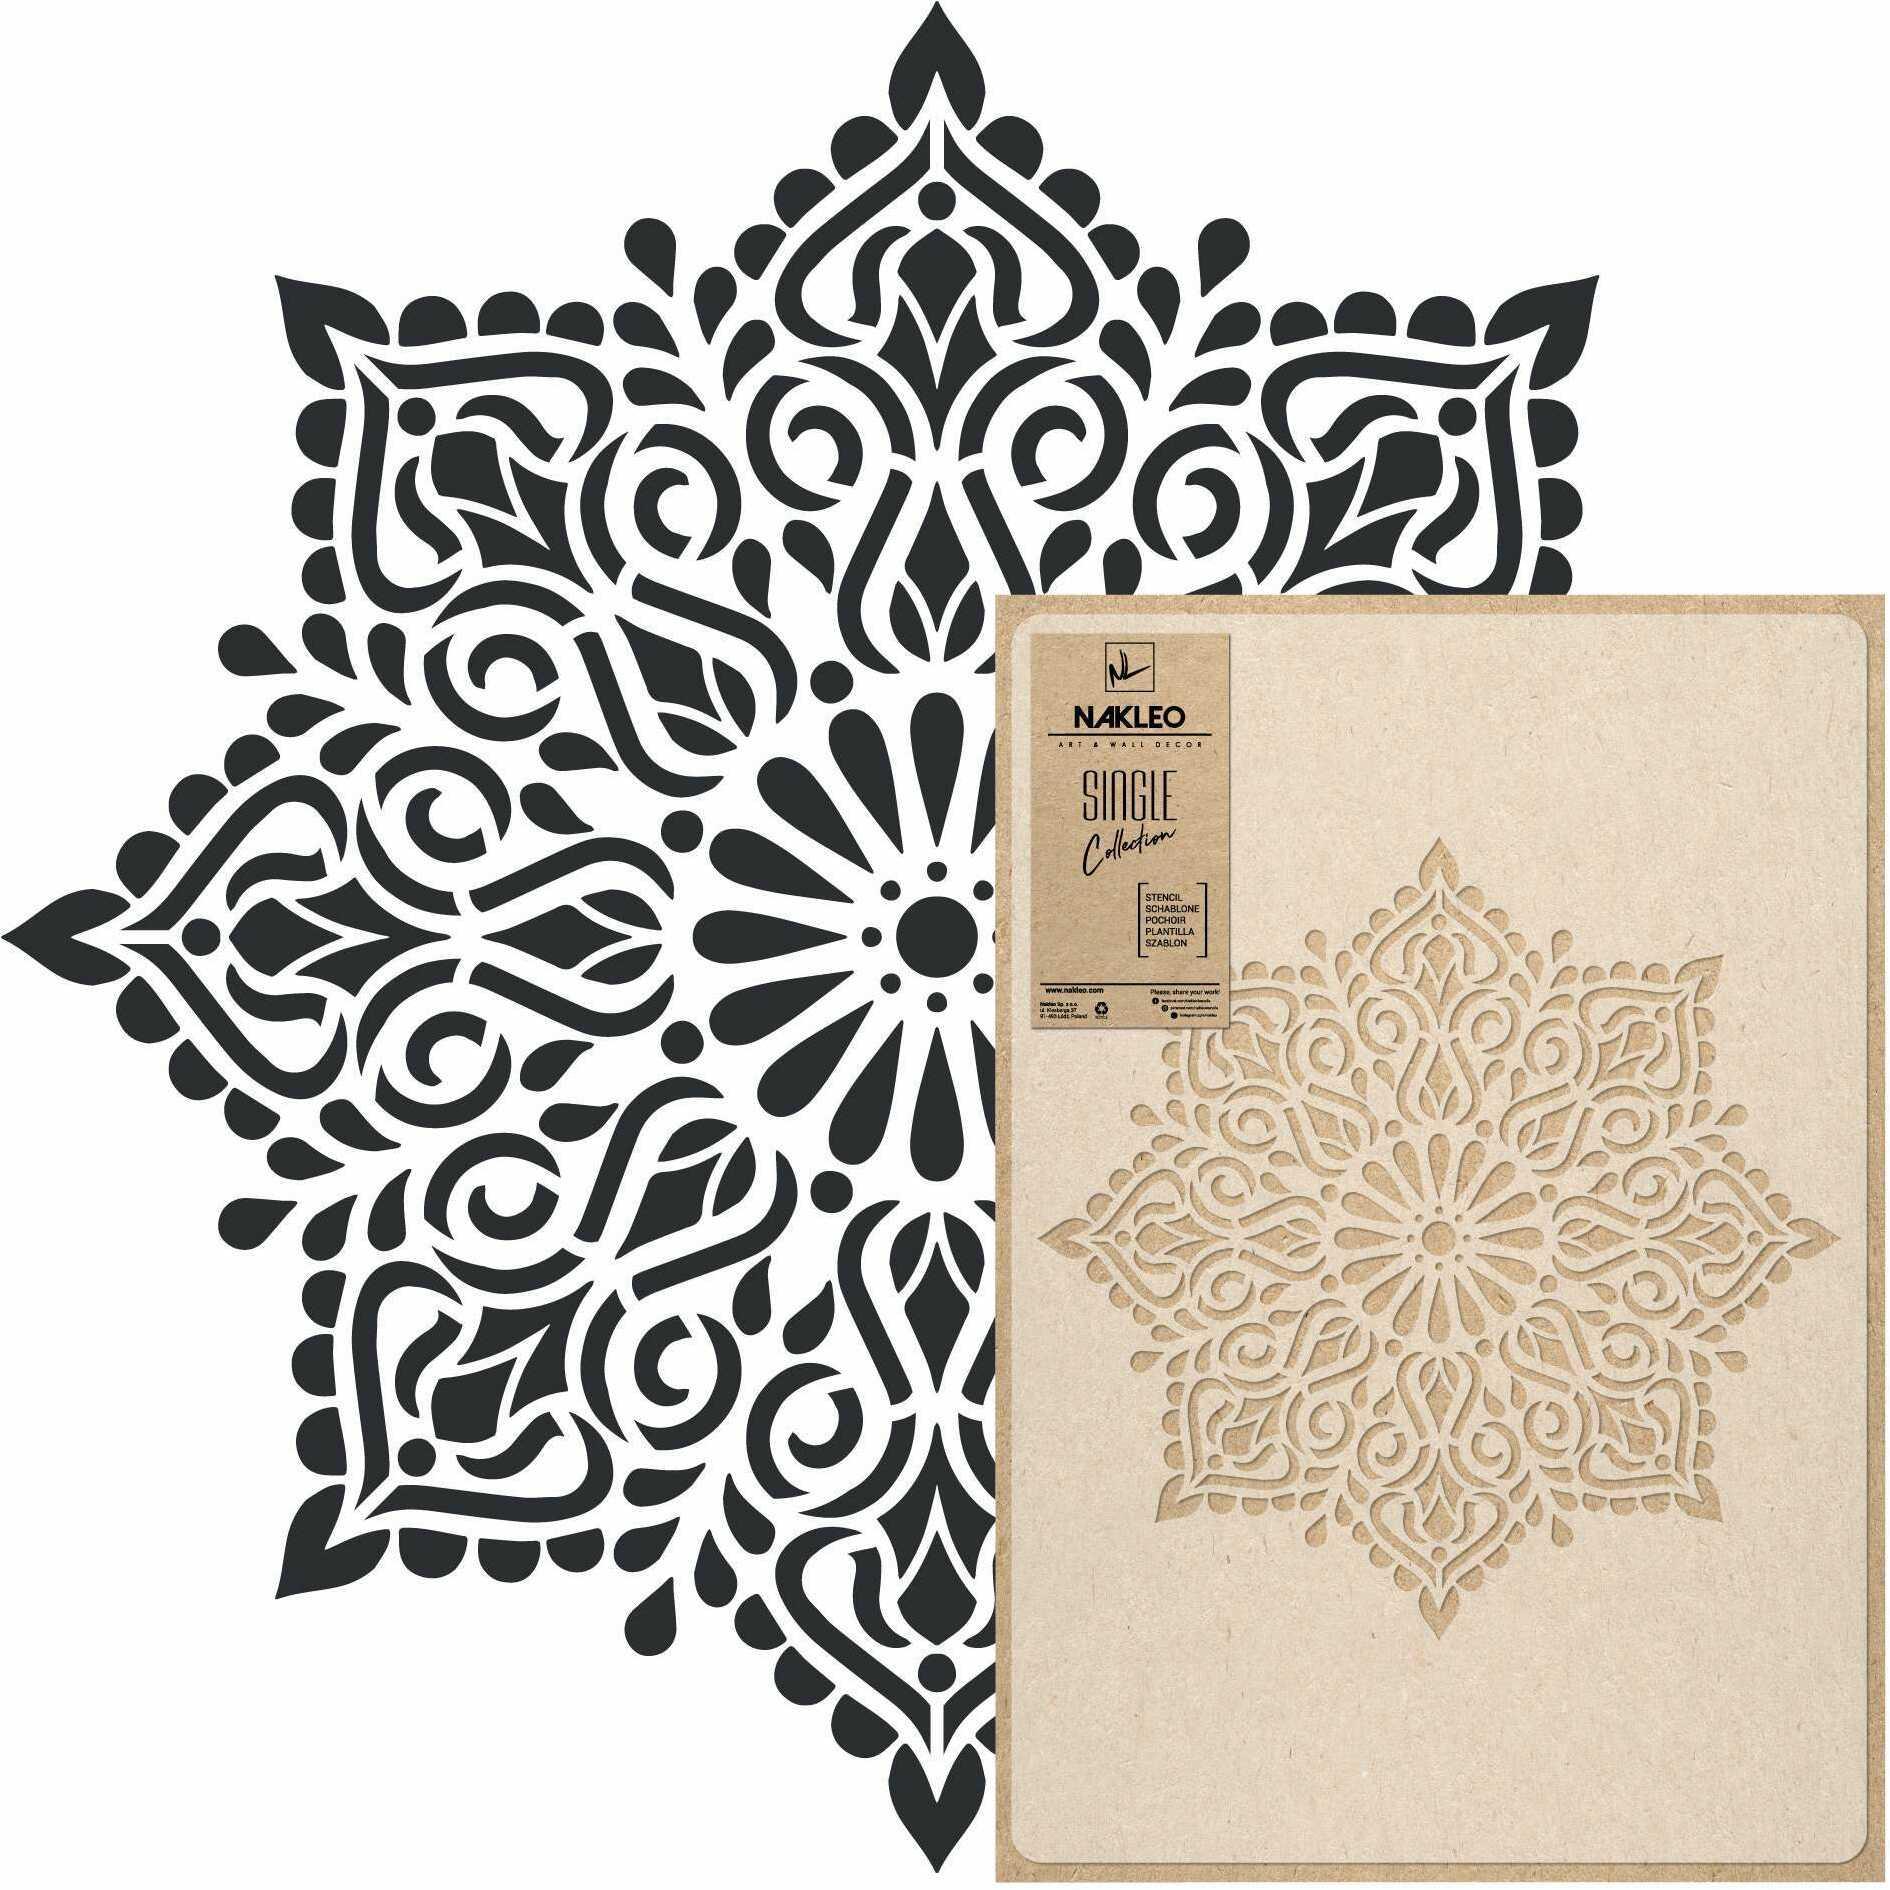 szablon malarski wielokrotny // KWADRATOWA MANDALA - MEDIUM (45x65cm)